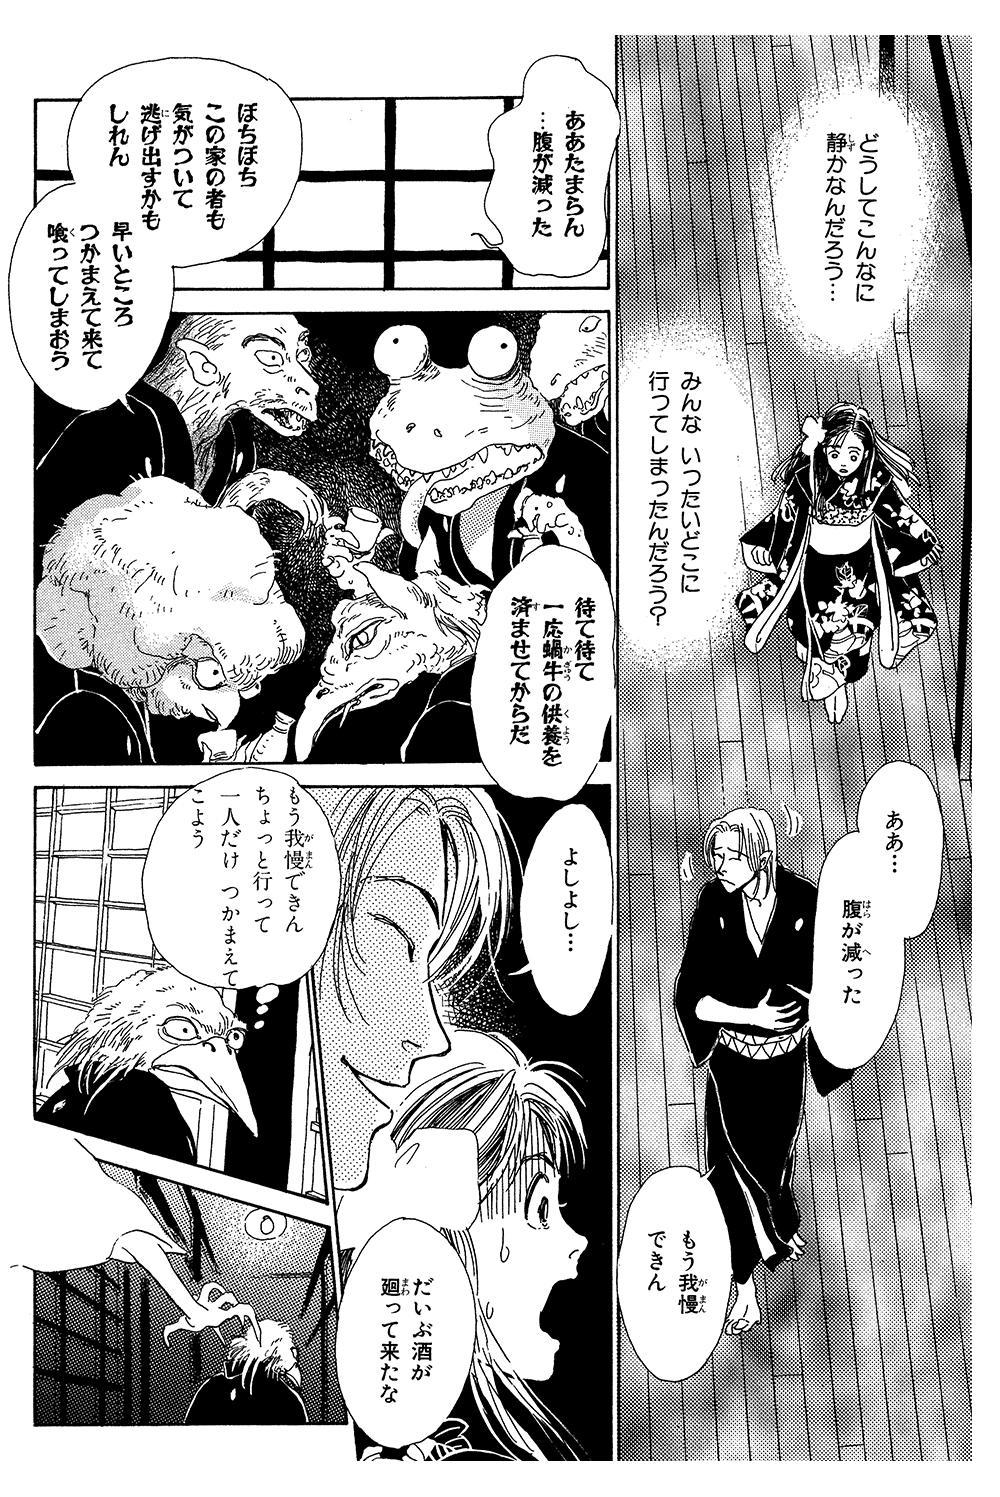 百鬼夜行抄 序章「精進おとしの客」hyakki10.jpg